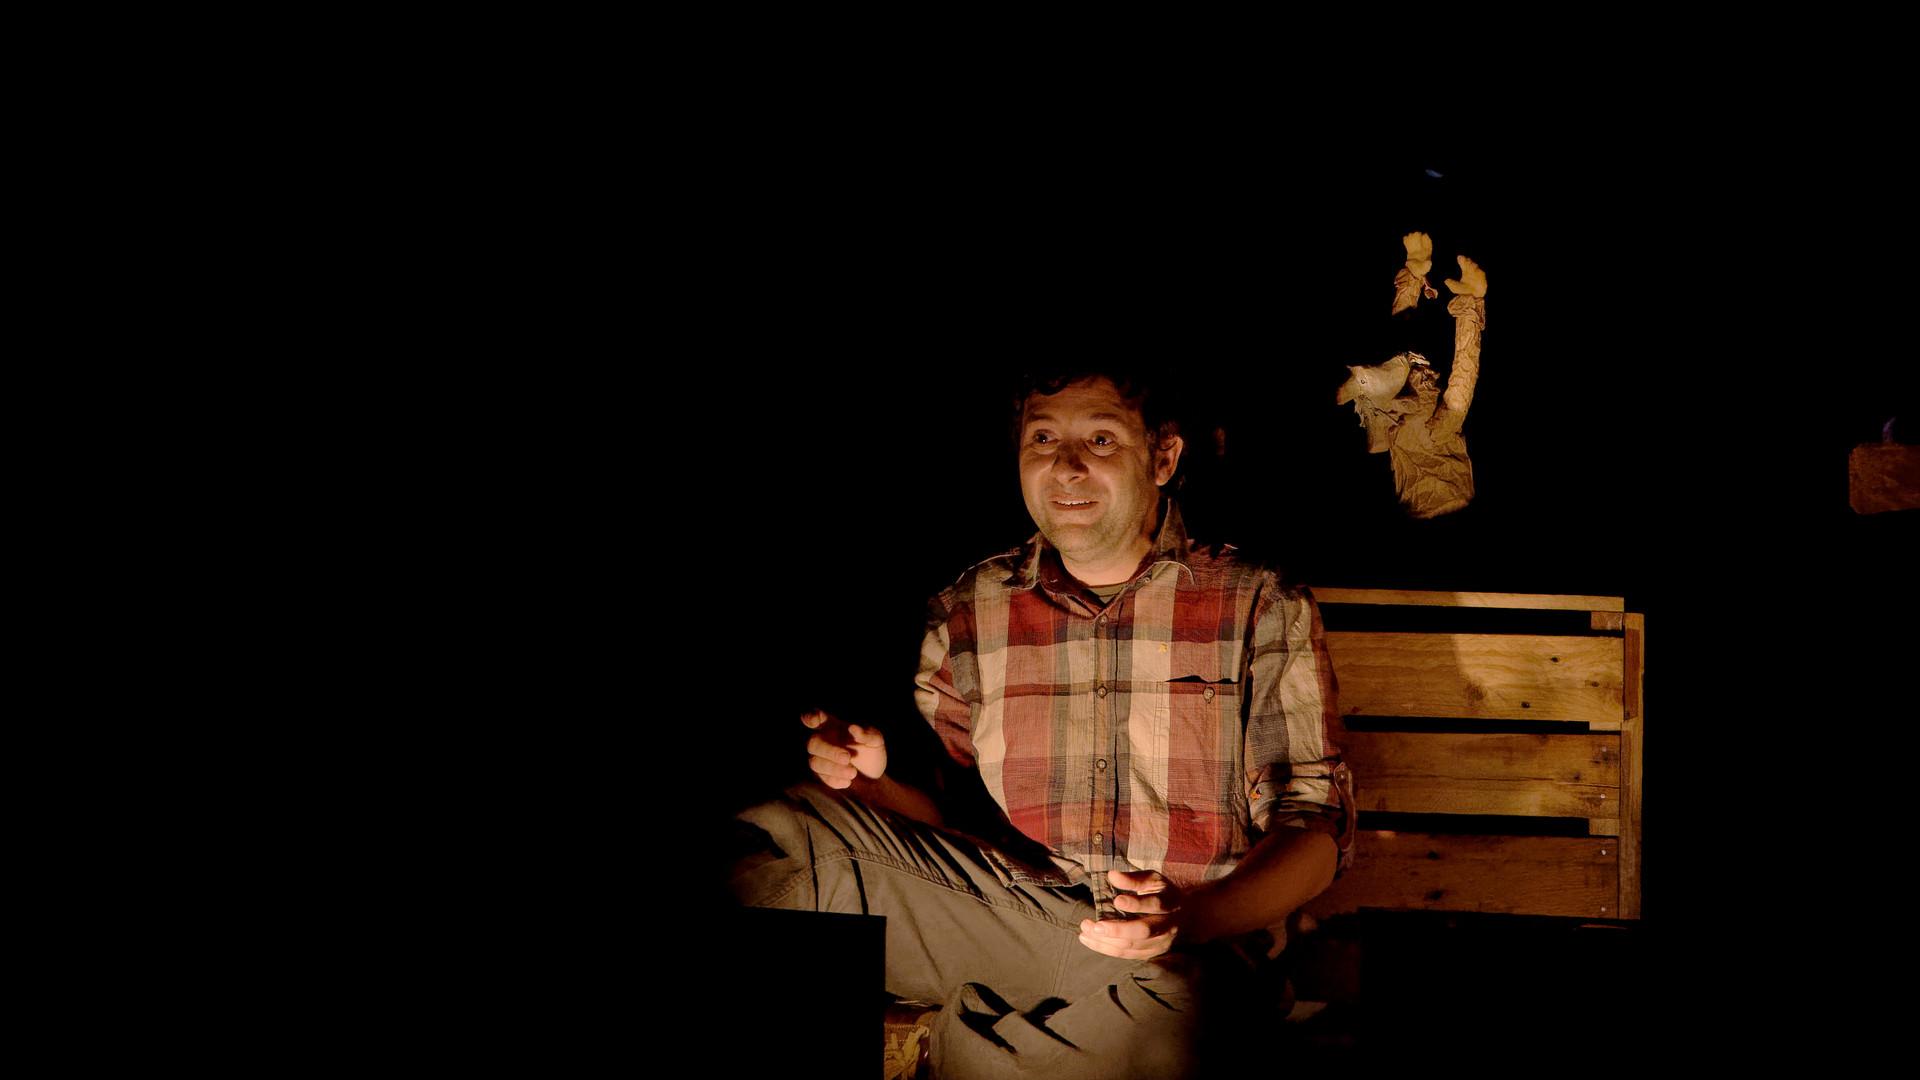 Kazu dans la nuit ®Philippe Rappeneau